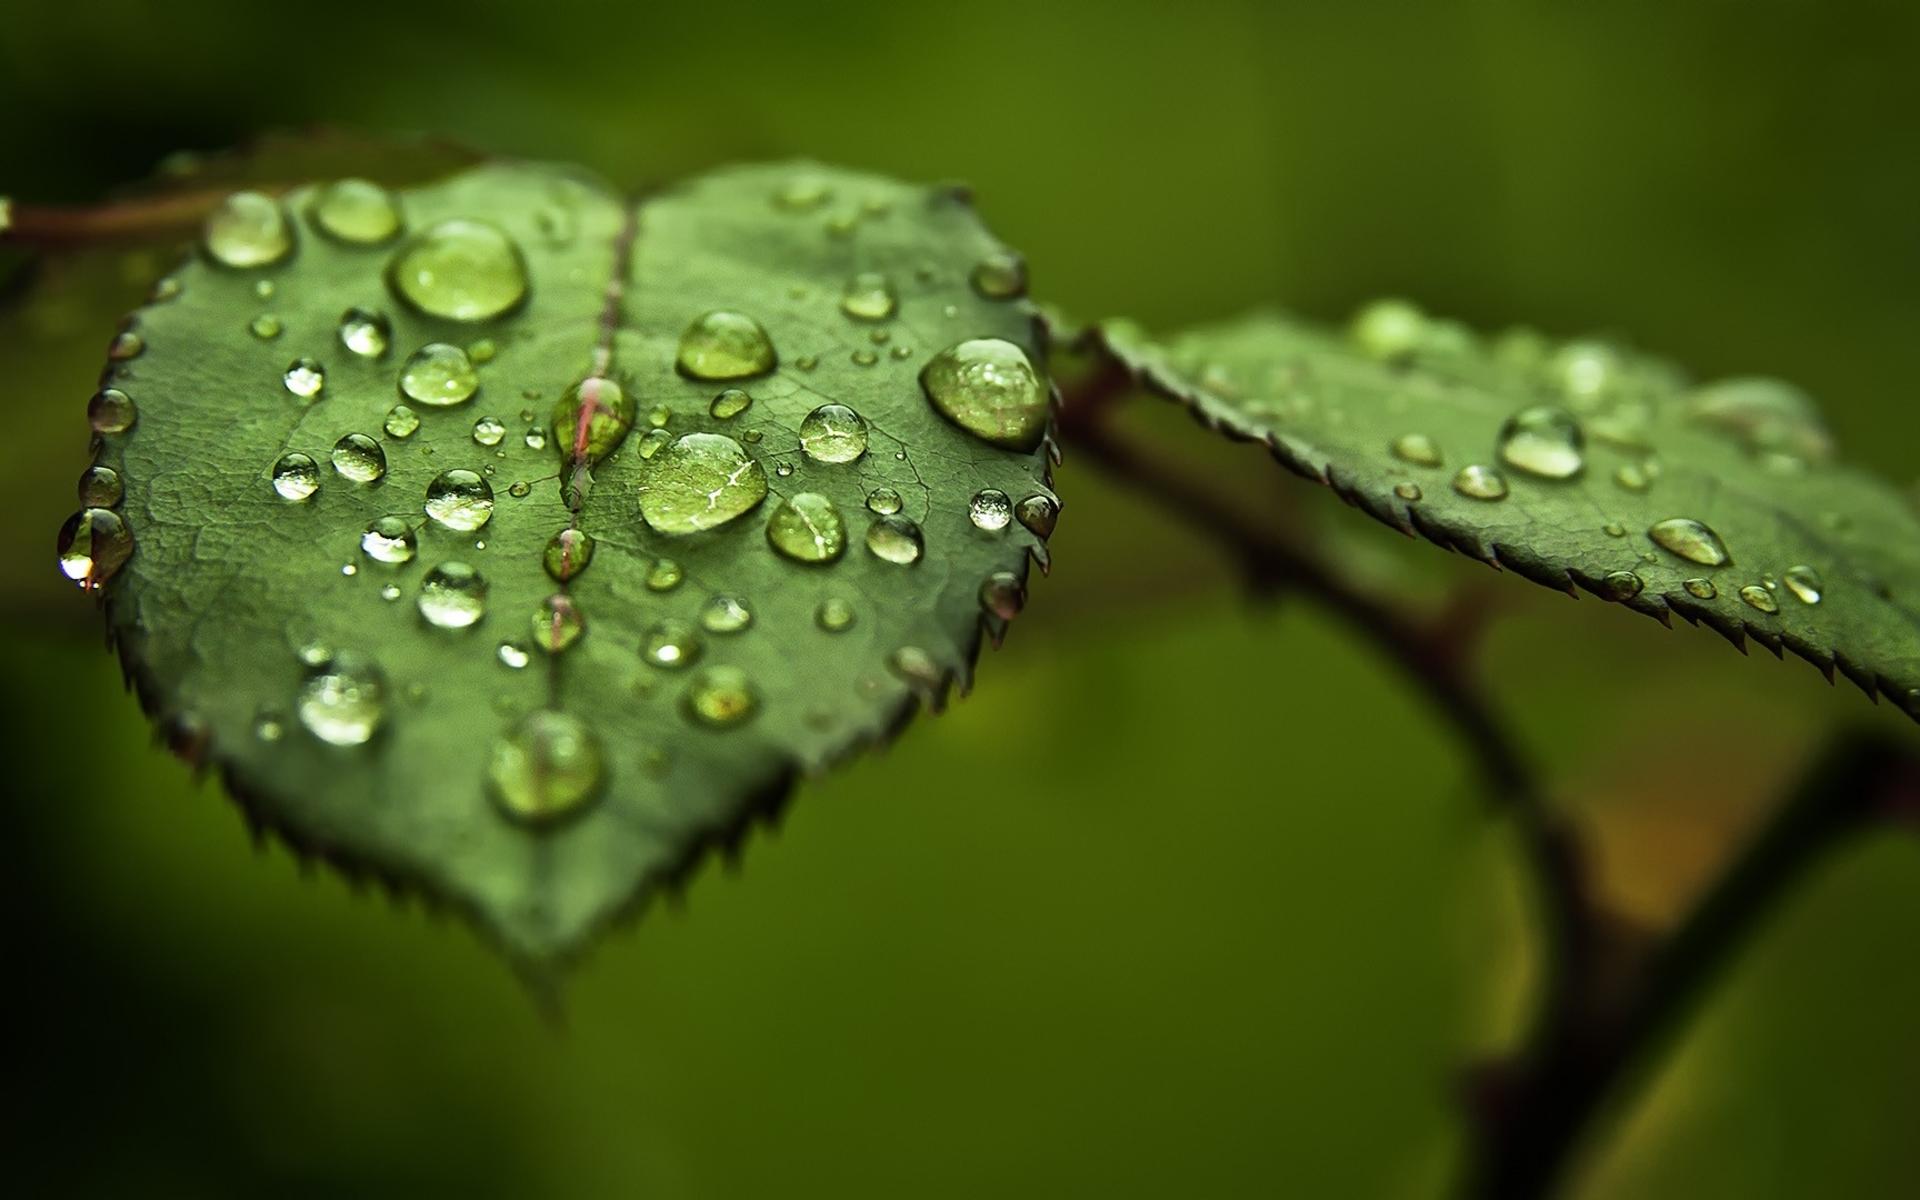 Hình nền lá cây trong mưa